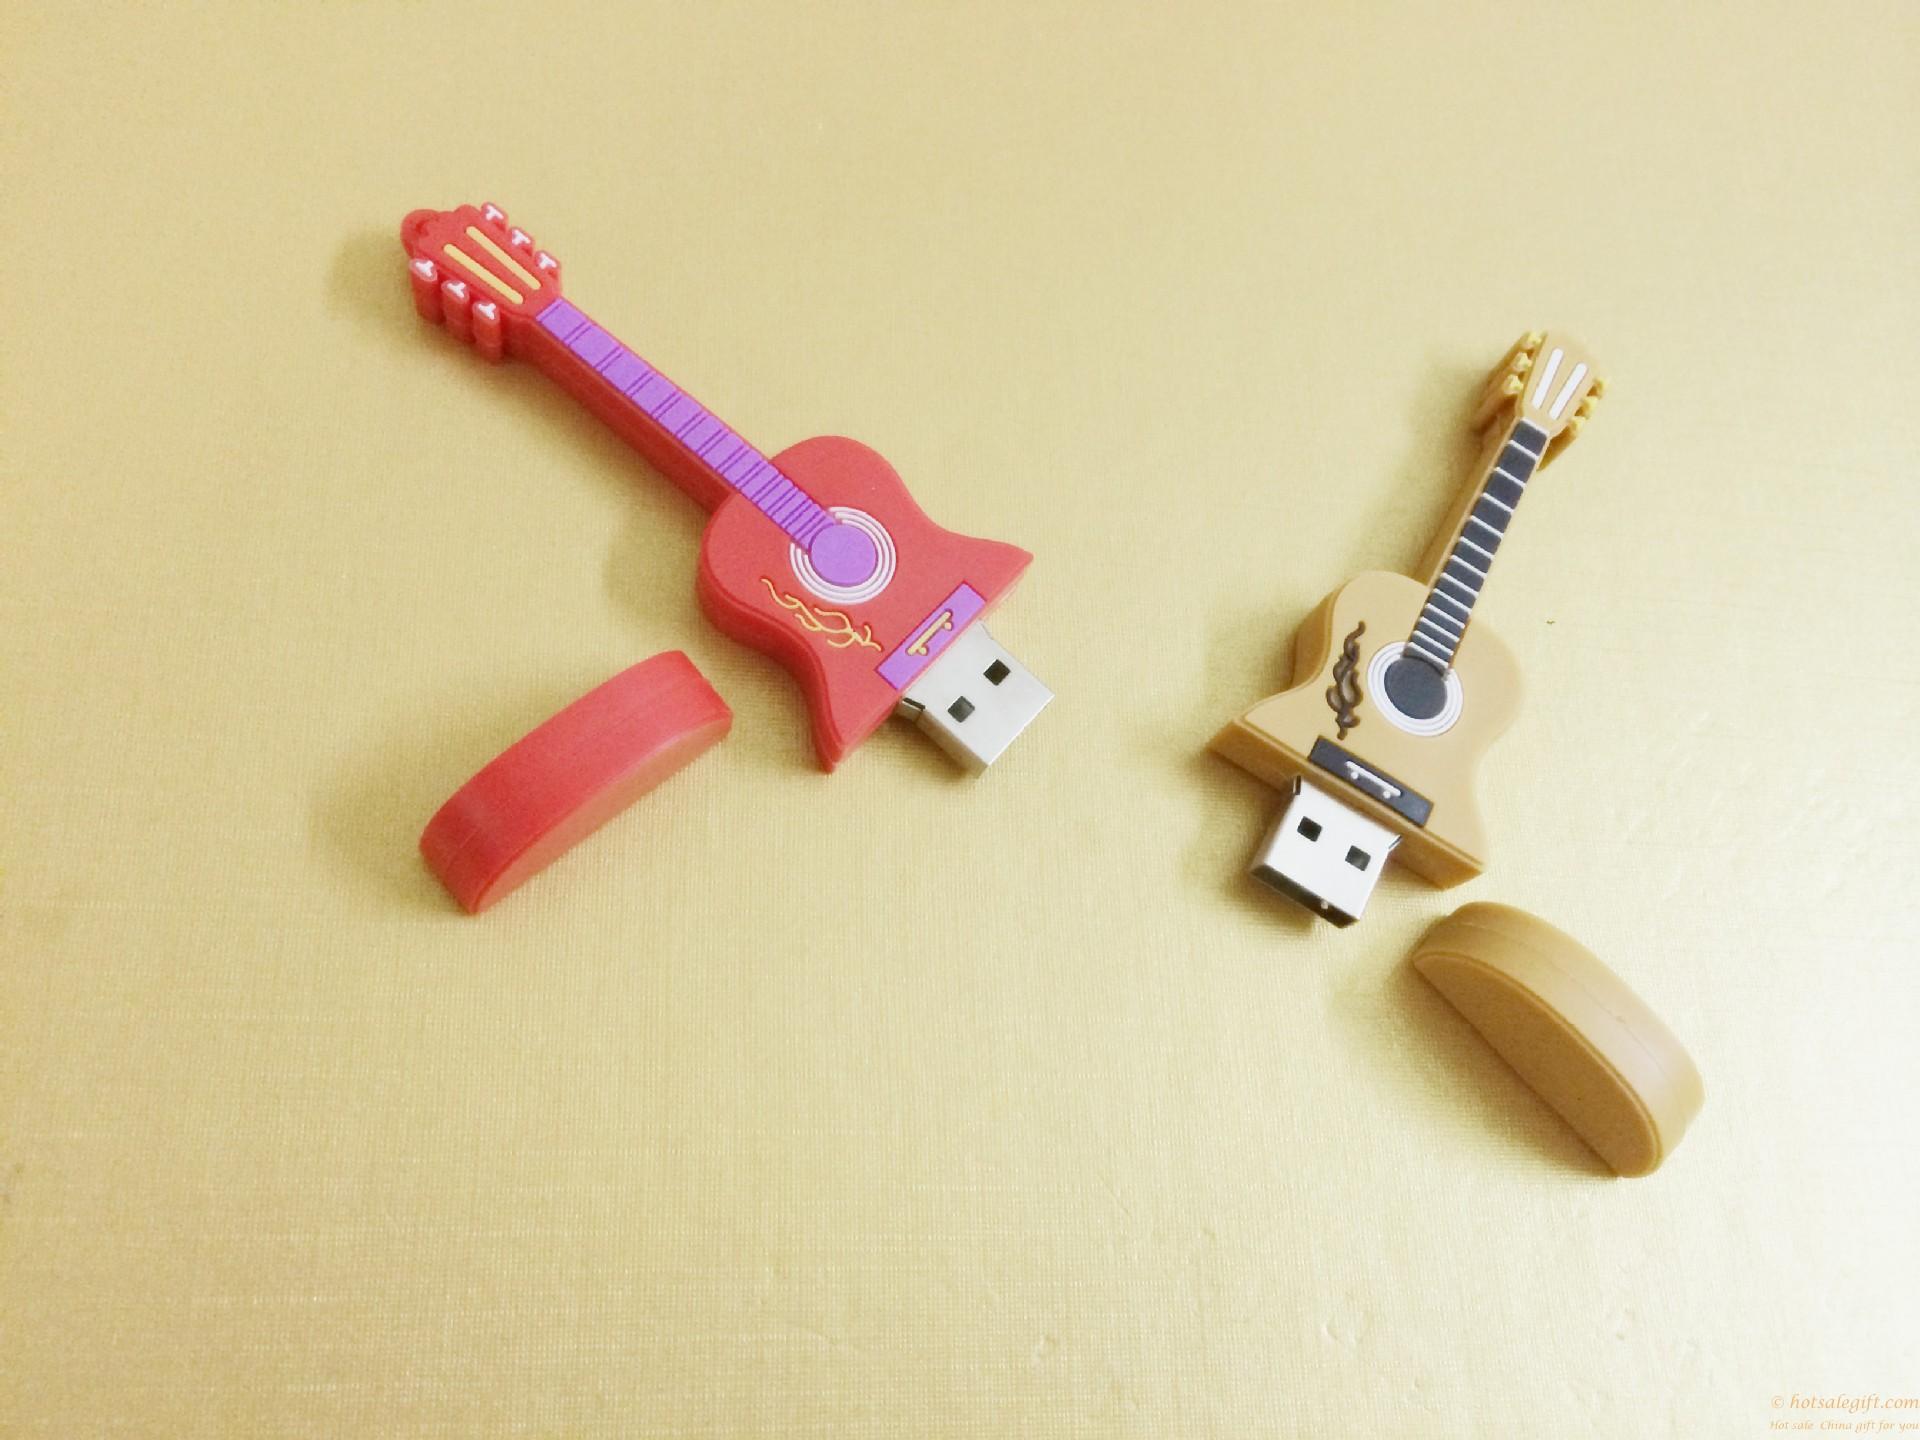 Yaratıcı Pvc Su Geçirmez Silikon Gitar Karikatür U Disk Sıcak